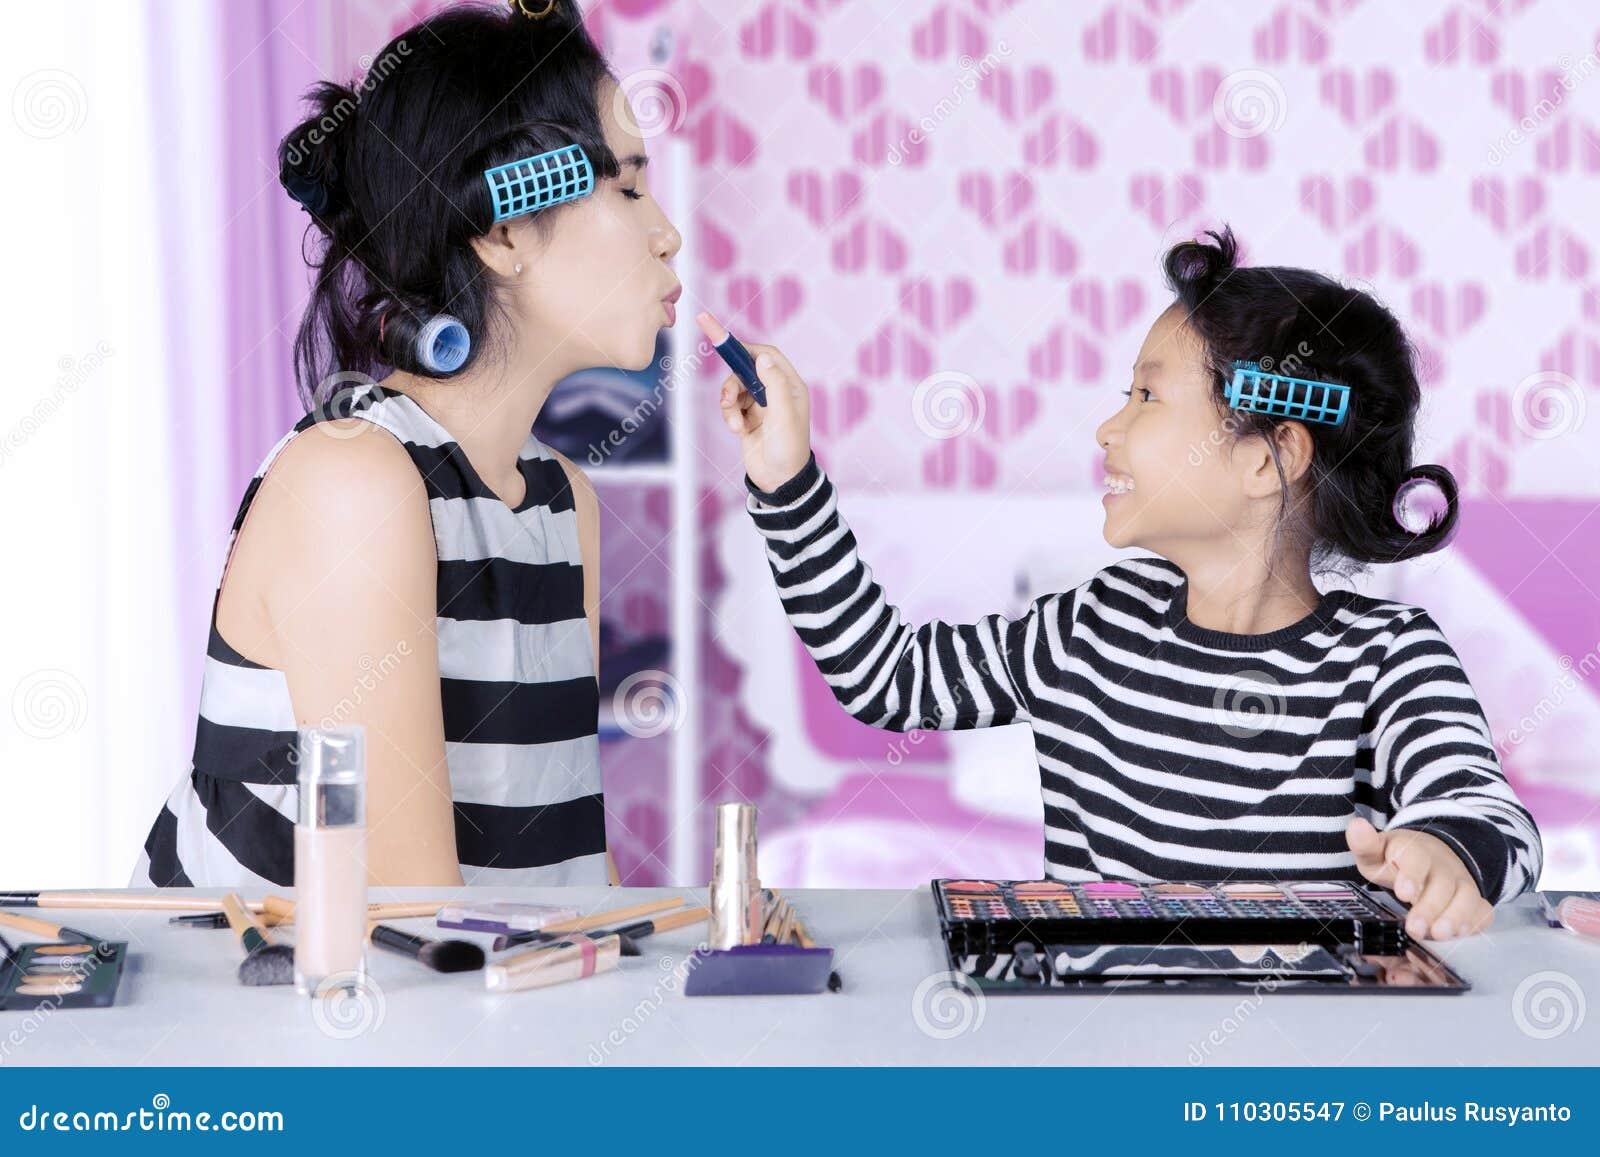 Camere Da Letto Rossetto.La Giovani Madre E Figlia Asiatiche Con I Bigodini Stanno Giocando